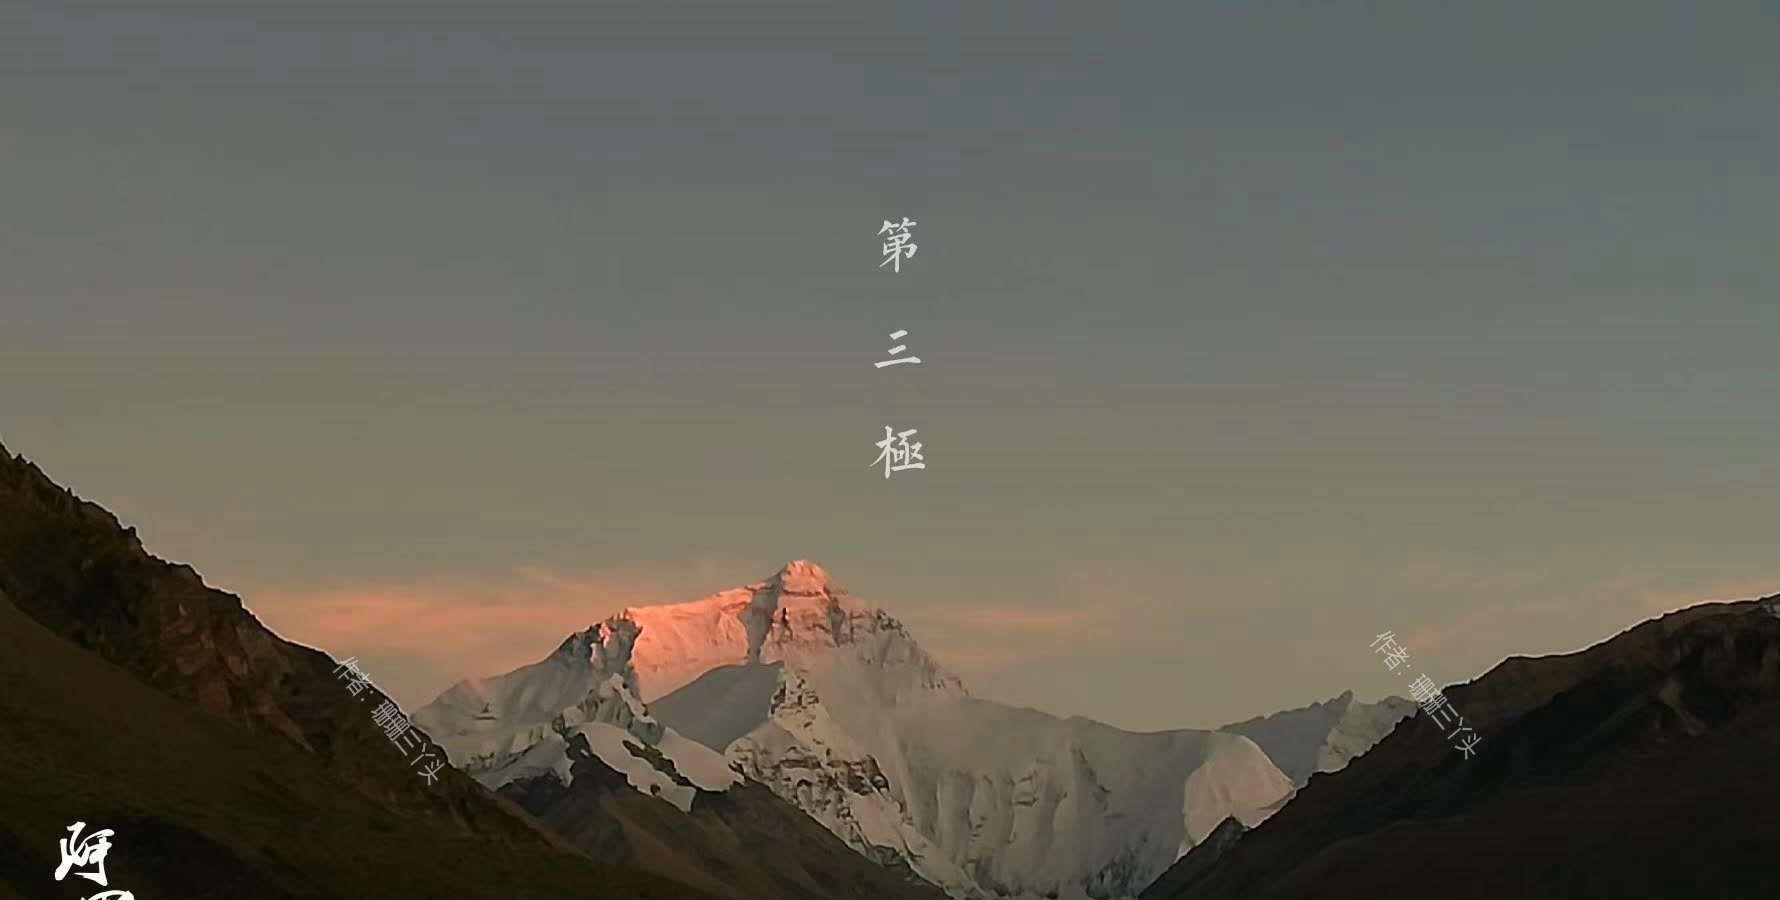 回忆珠峰大本营之行:在海拨5200米高度,1公里走了40分钟